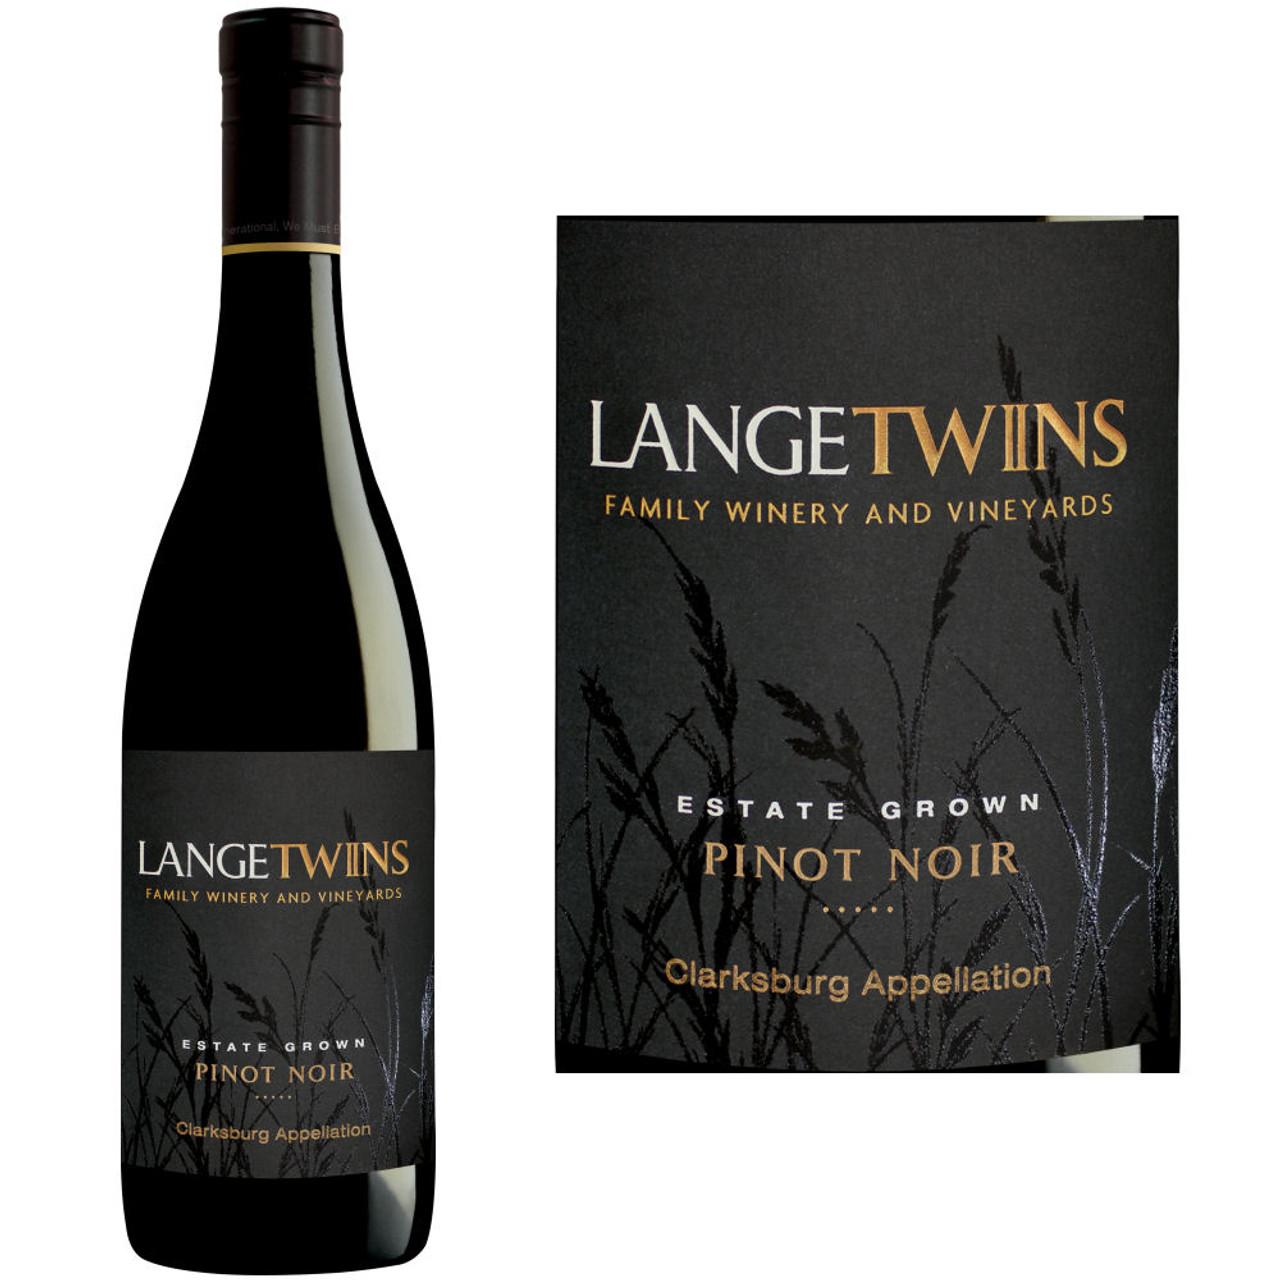 LangeTwins Estate Clarksburg Pinot Noir